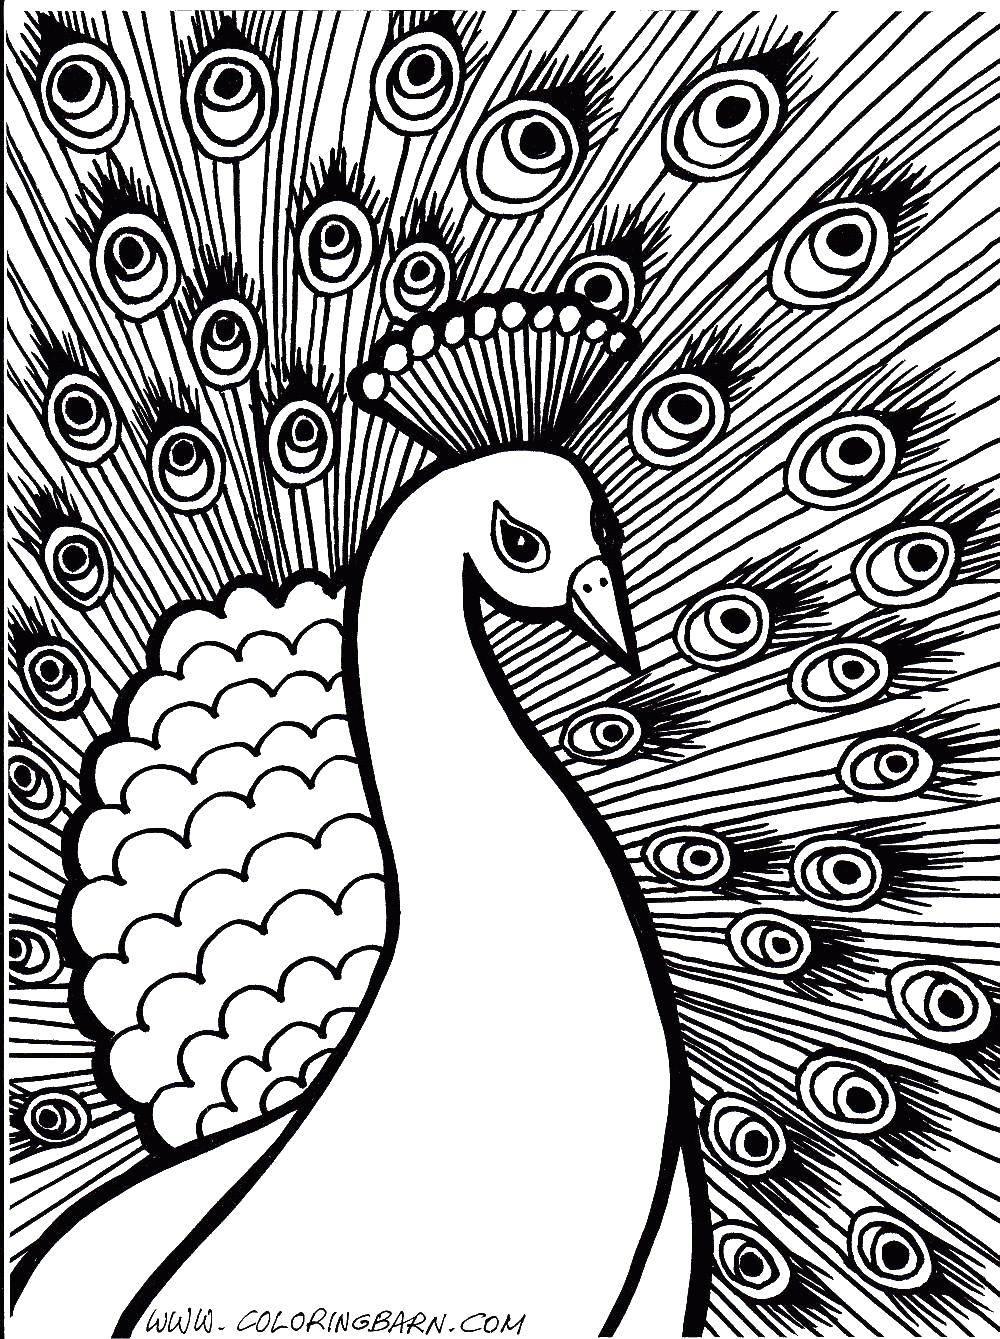 Раскраски мир, Раскраска Узорный мир павлина раскраски ...